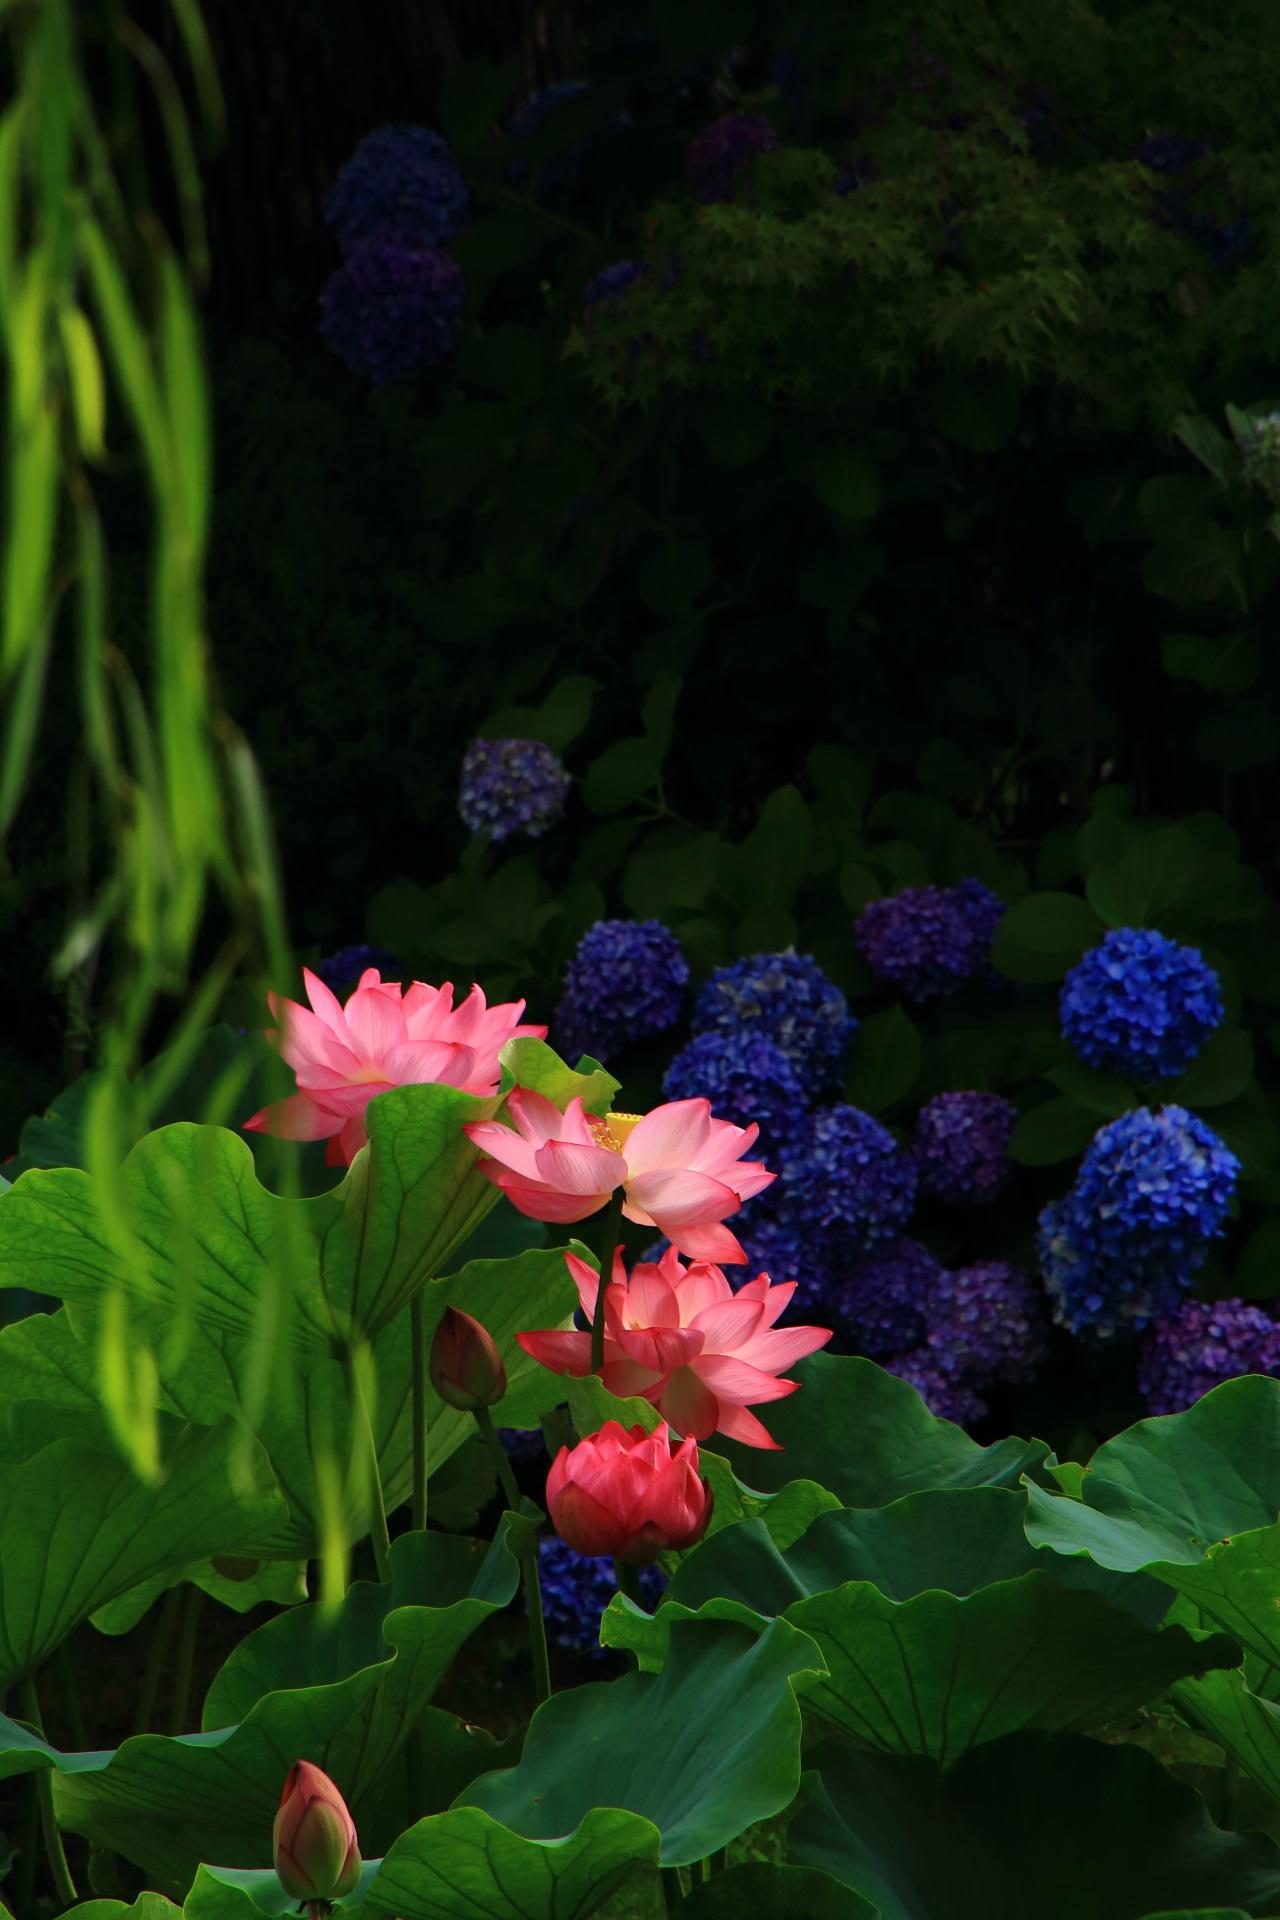 東寺の蓮と紫陽花とゆらゆらする柳のコラボ